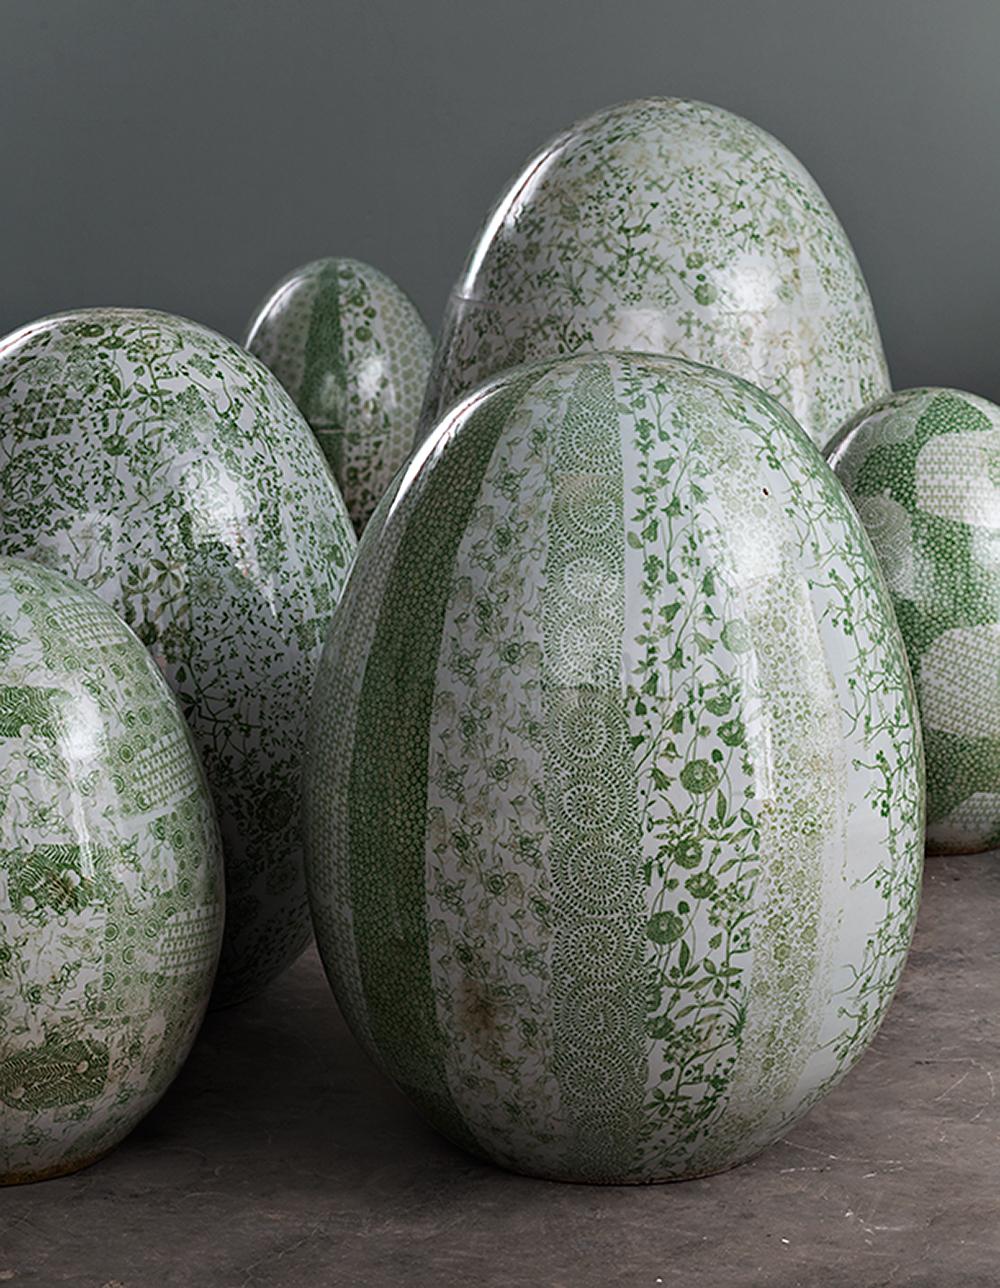 Green Flowers, מבט מקרוב את הביצים עם עיטורי הפרחים בירוק